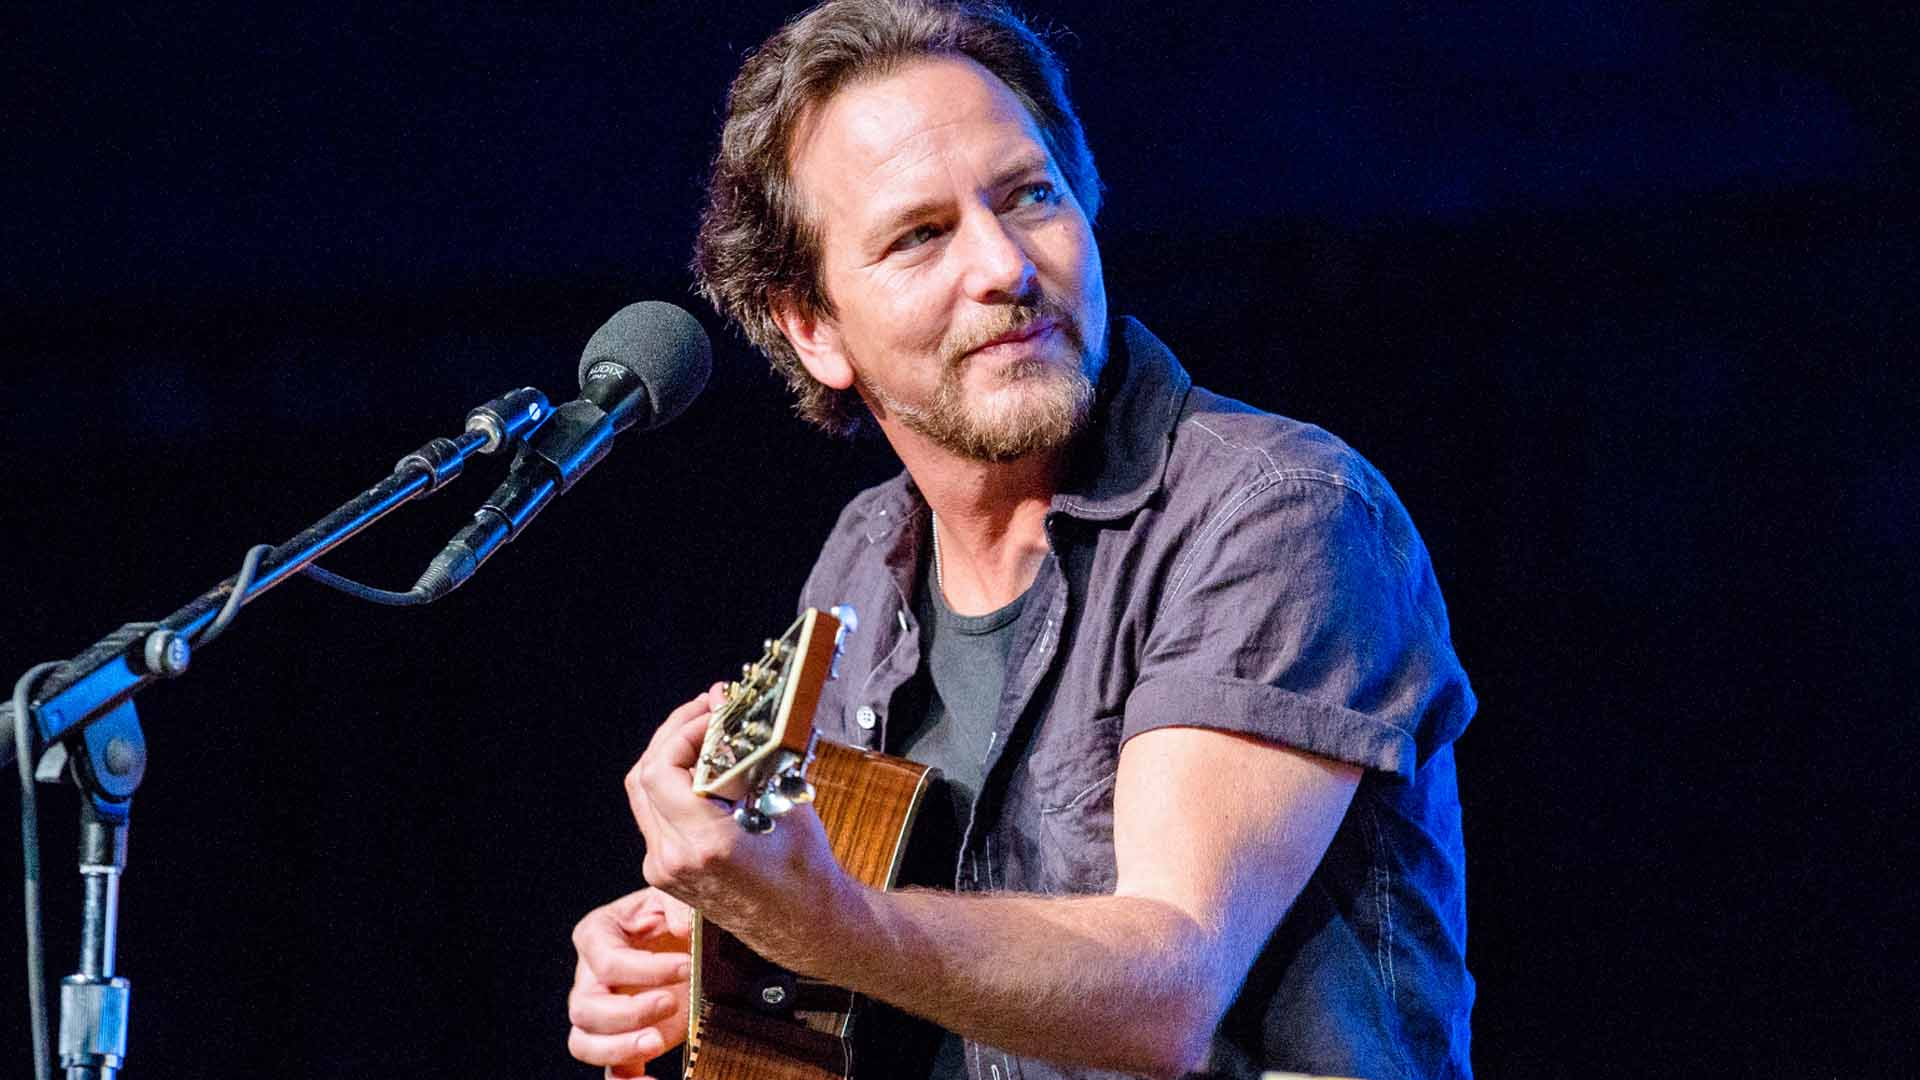 Quella volta che Eddie Vedder improvvisò una cover band a